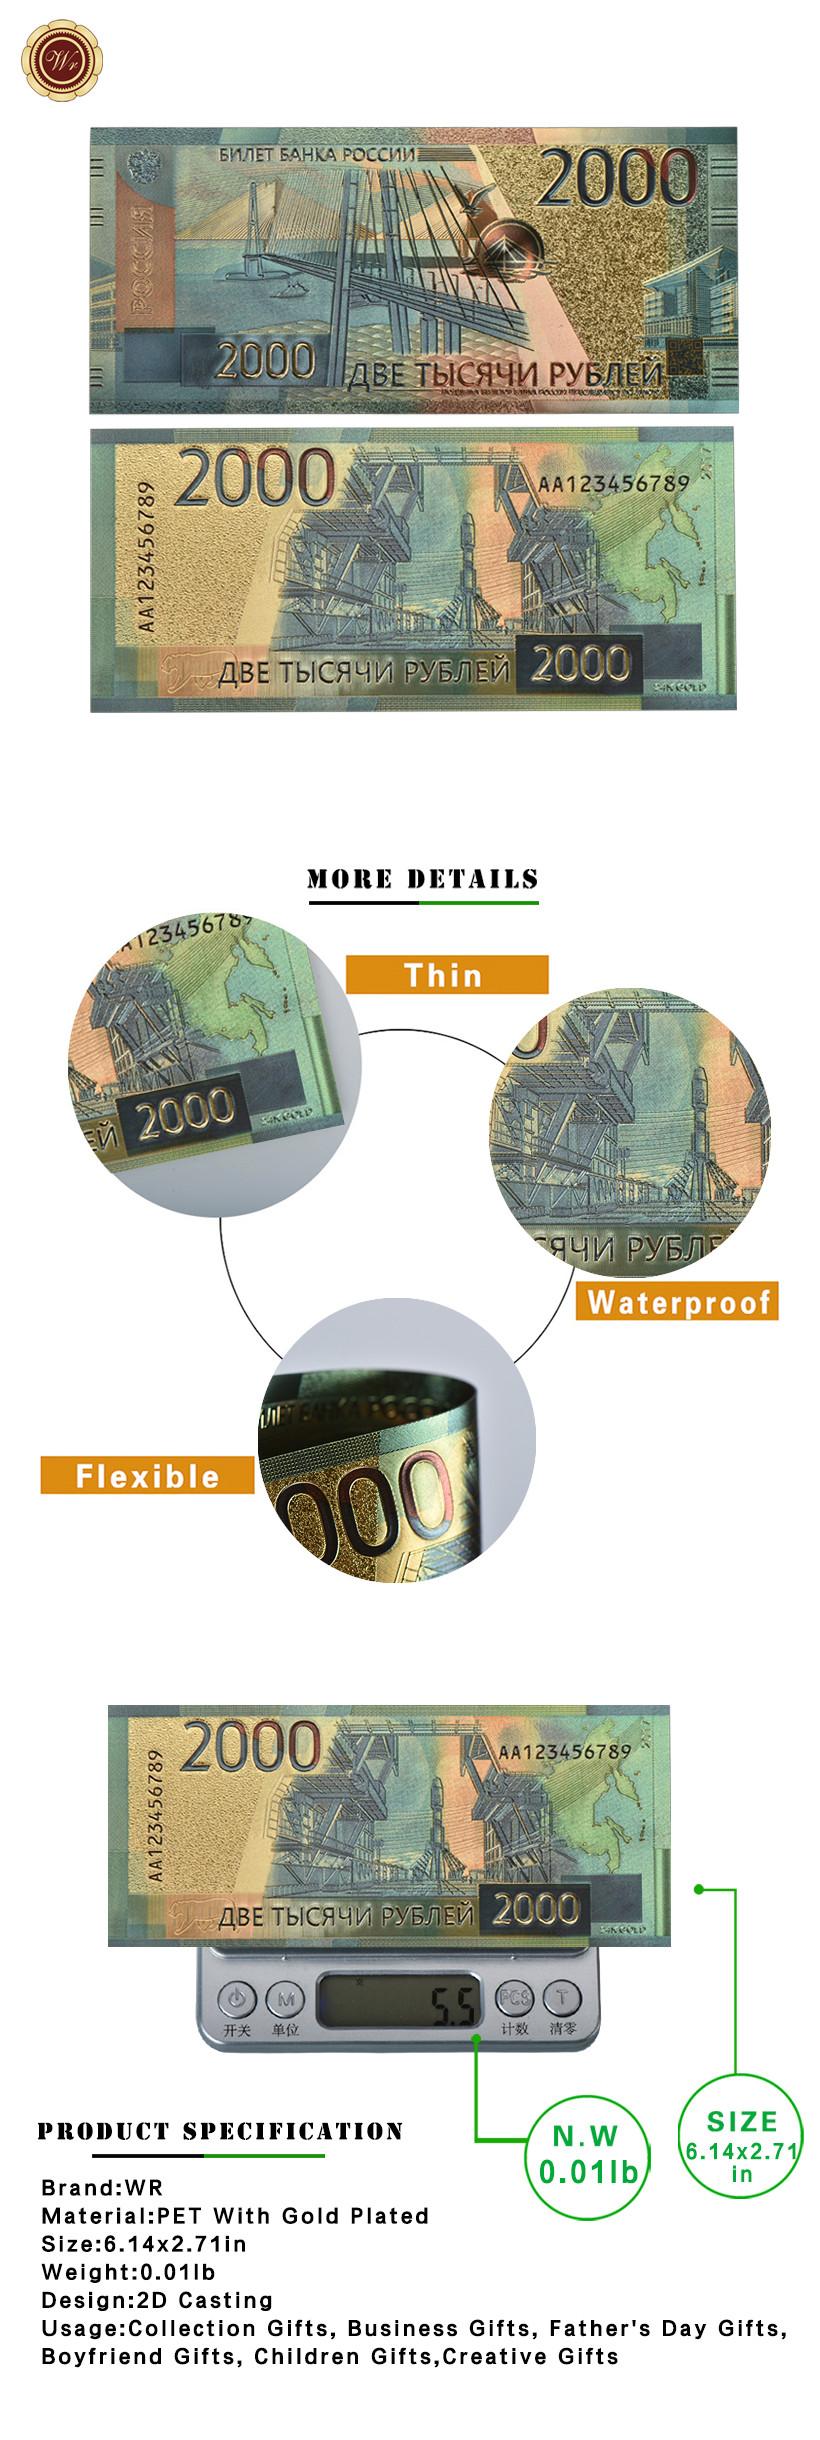 ร้อนขายธนบัตรยูโร2000 Eur กระดาษเก่าที่มีสีสันธนบัตรเงินสำหรับขาย - Buy  ธนบัตรเก่าเงินกระดาษ,ธนบัตร Product on Alibaba.com